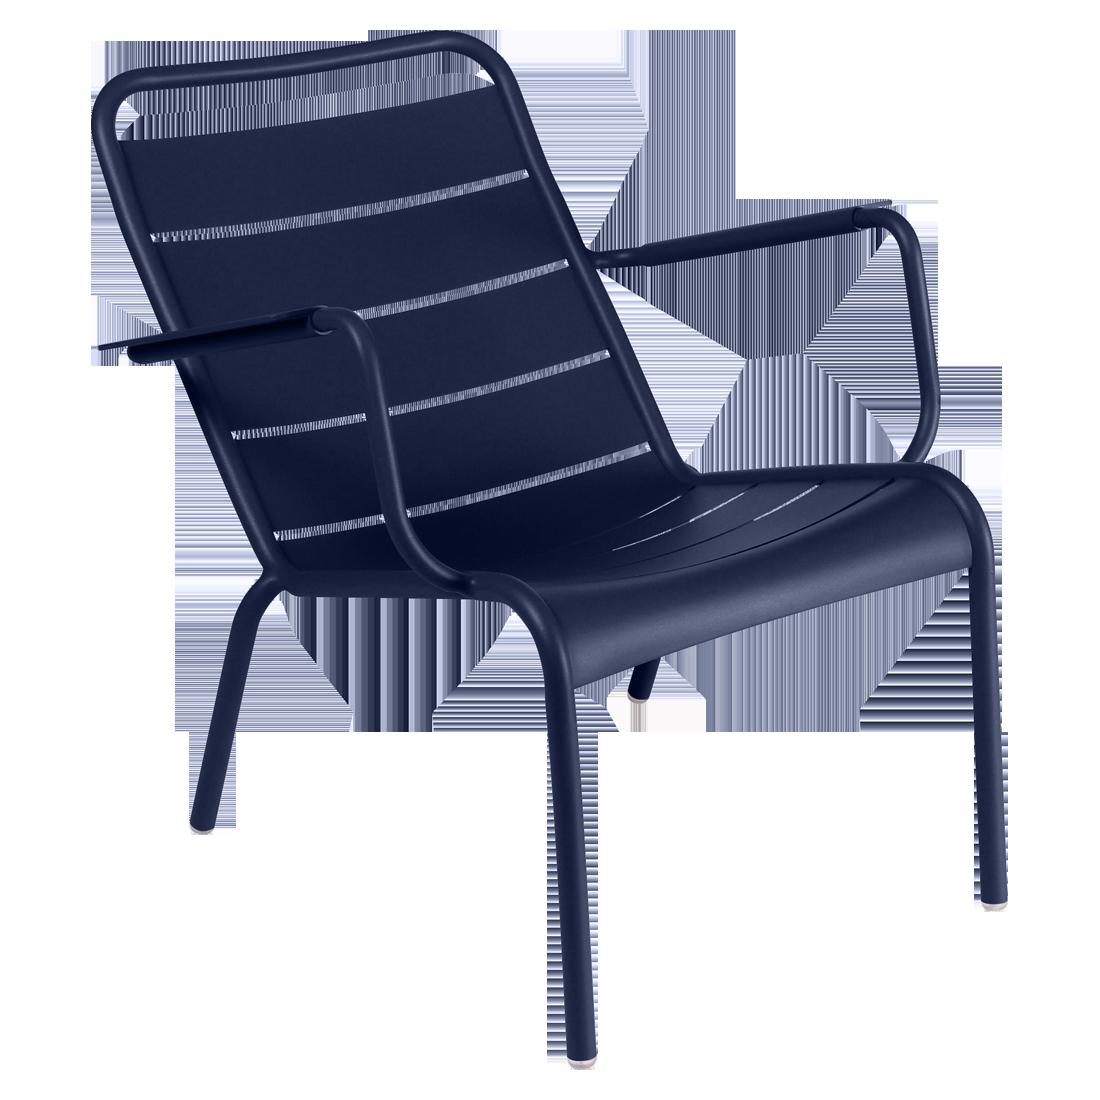 fauteuil de jardin, fauteuil metal, salon de jardin, fauteuil luxembourg, fauteuil fermob, fauteuil bleu